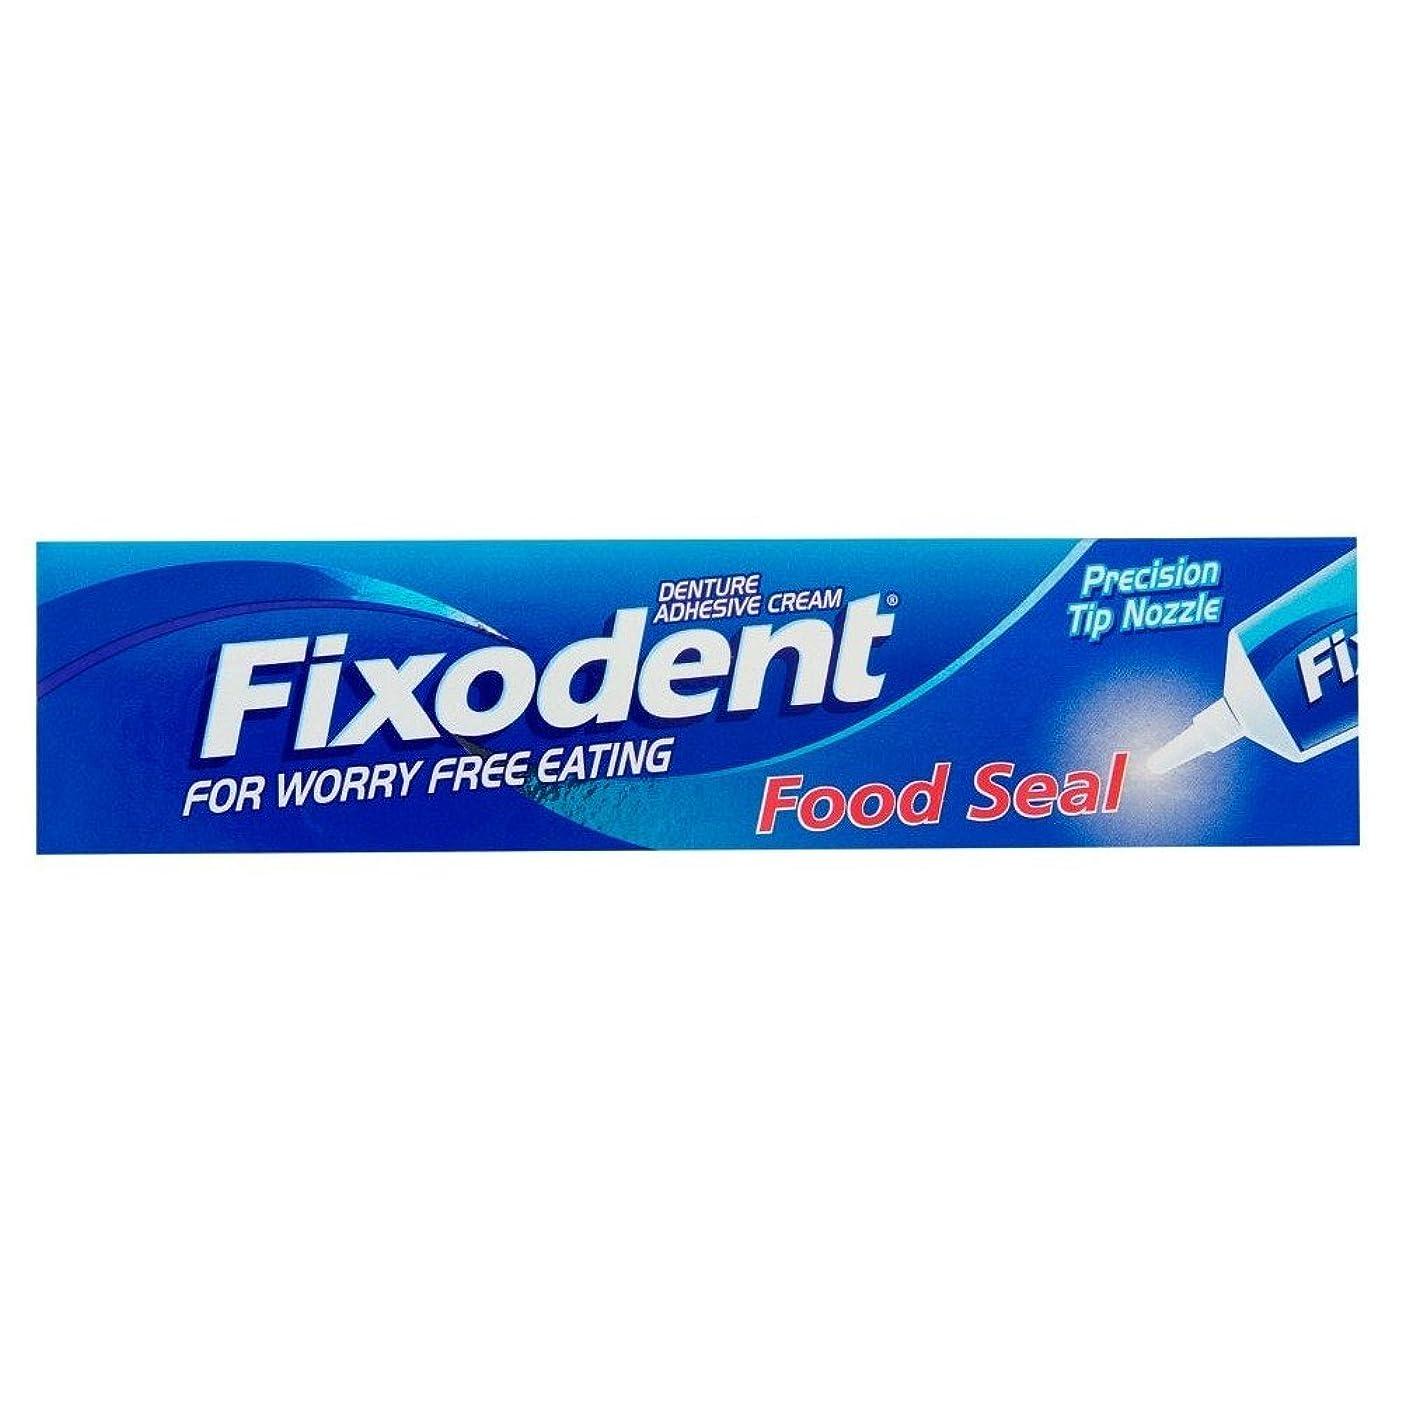 合成粘り強い期限Fixodent Food Seal Adhesive Cream (40g) Fixodent食品シール接着剤クリーム( 40グラム) [並行輸入品]